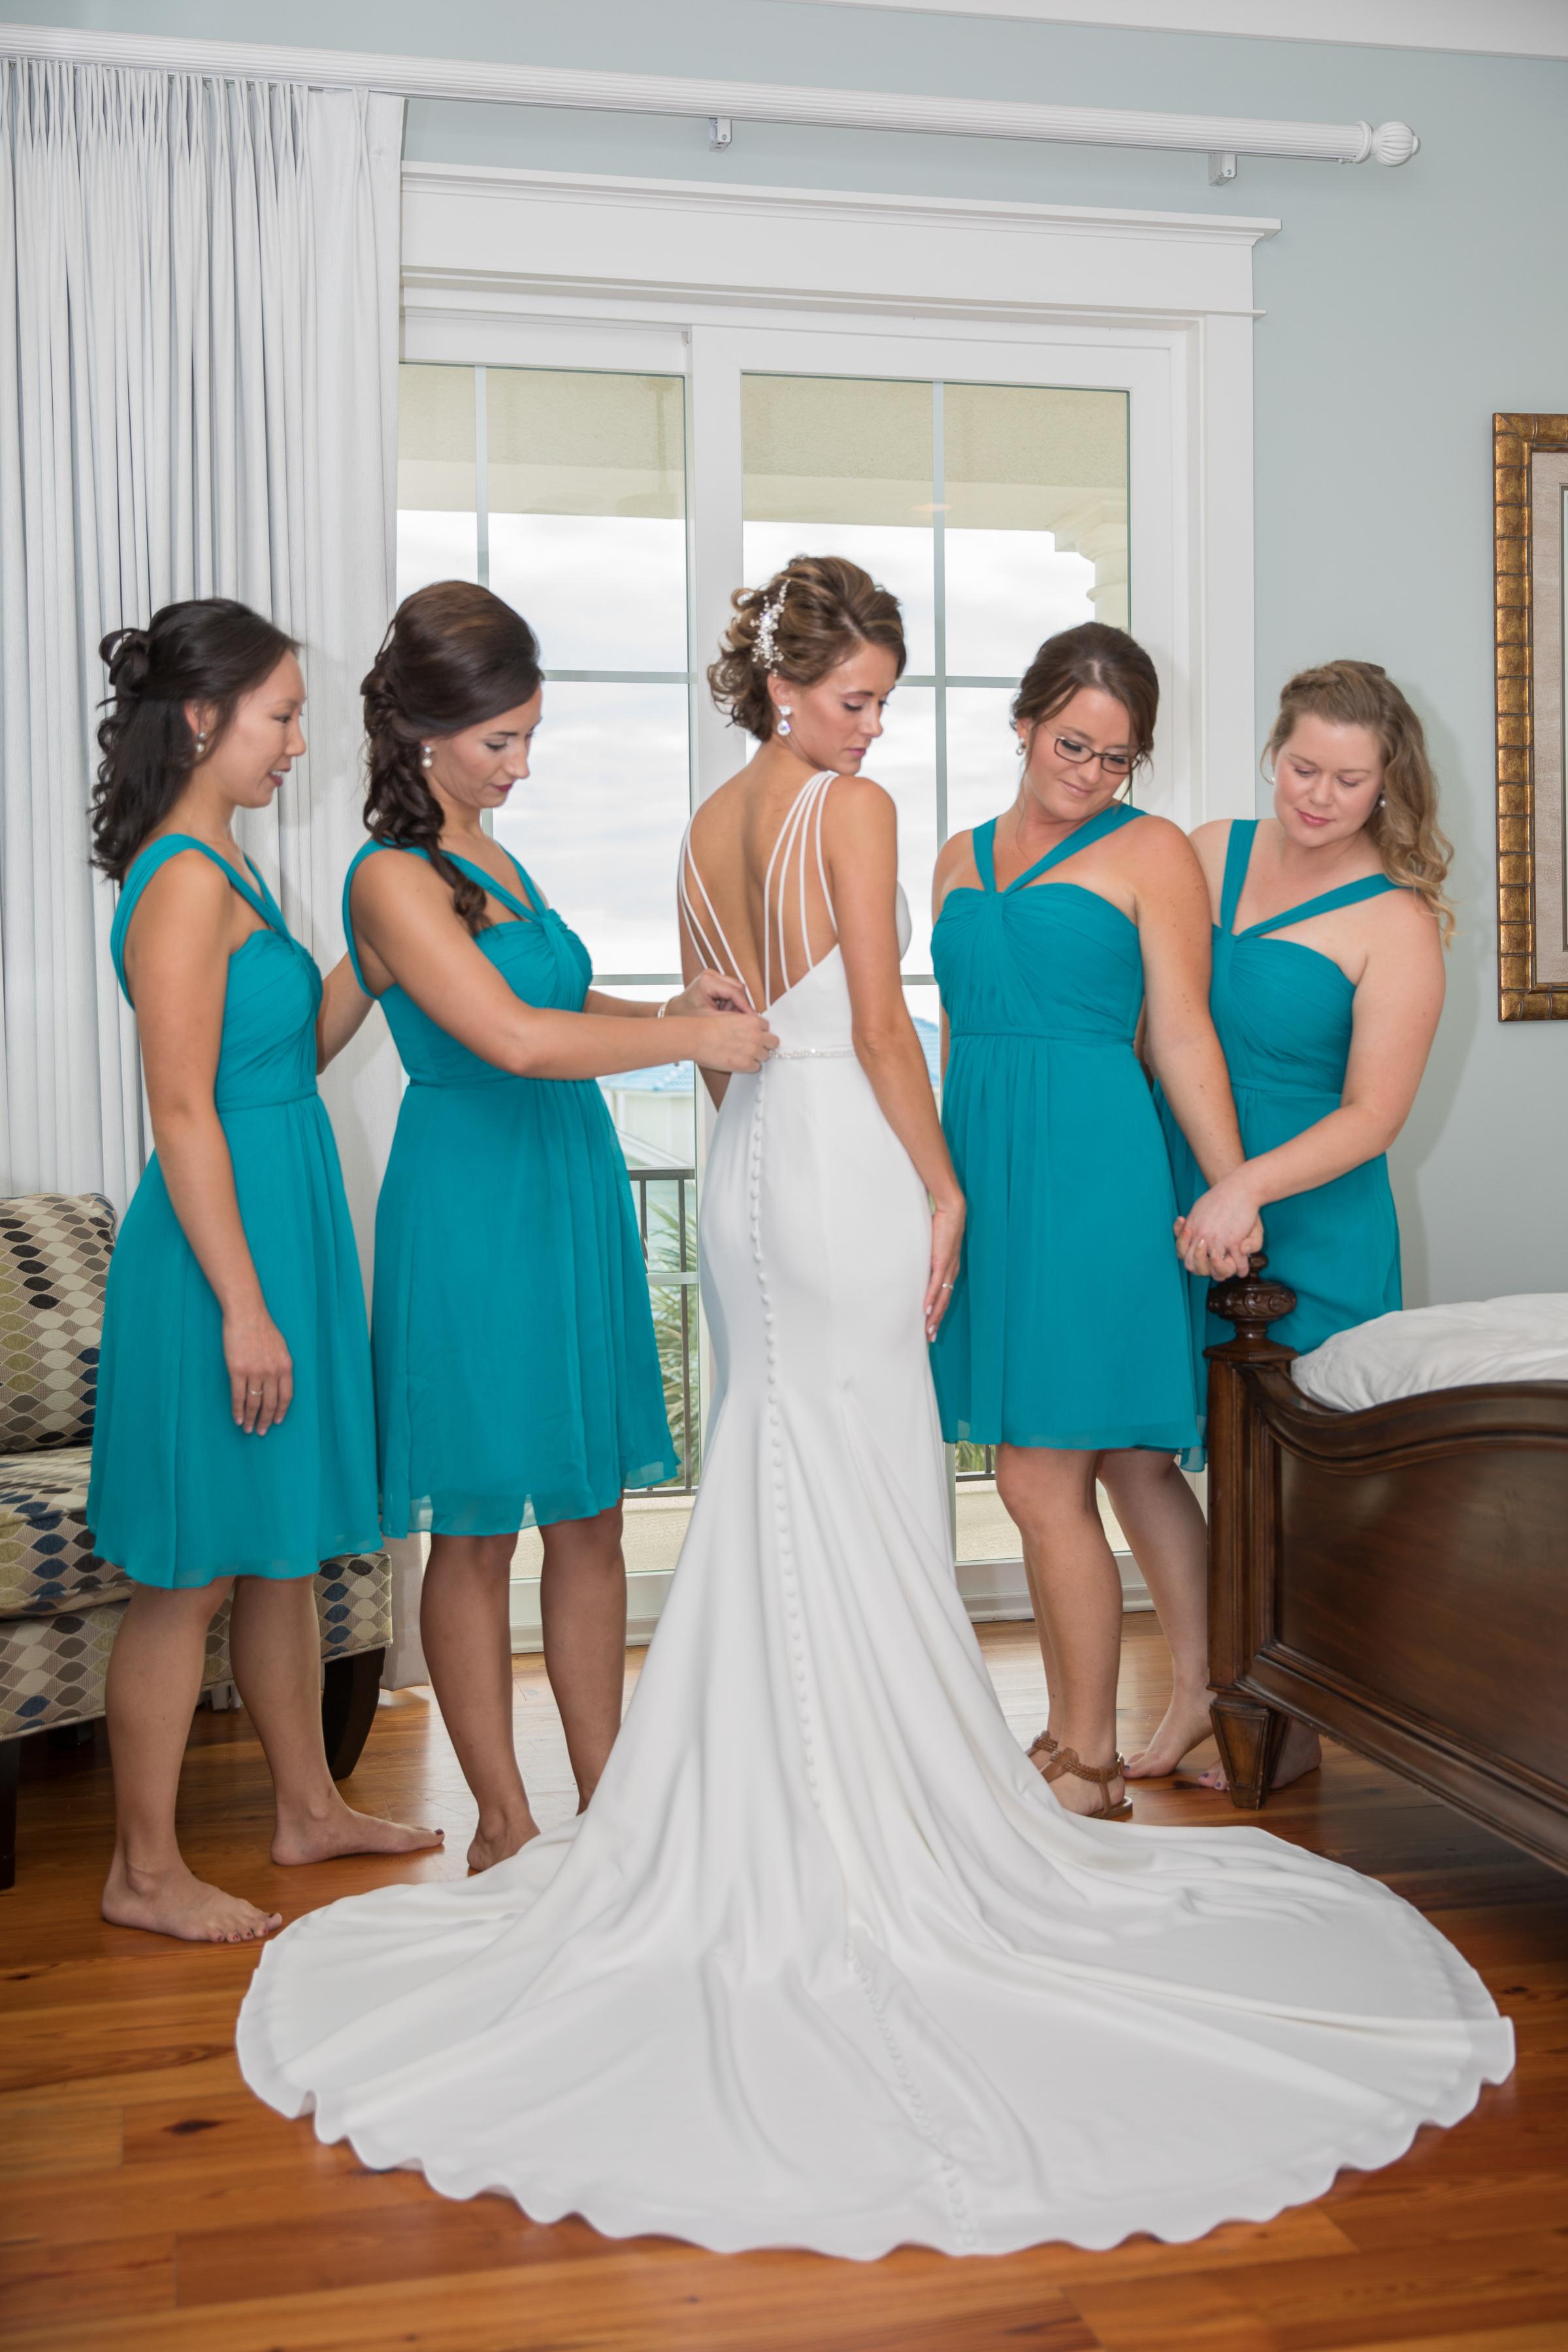 destin beach wedding package picture49_ (6).jpg